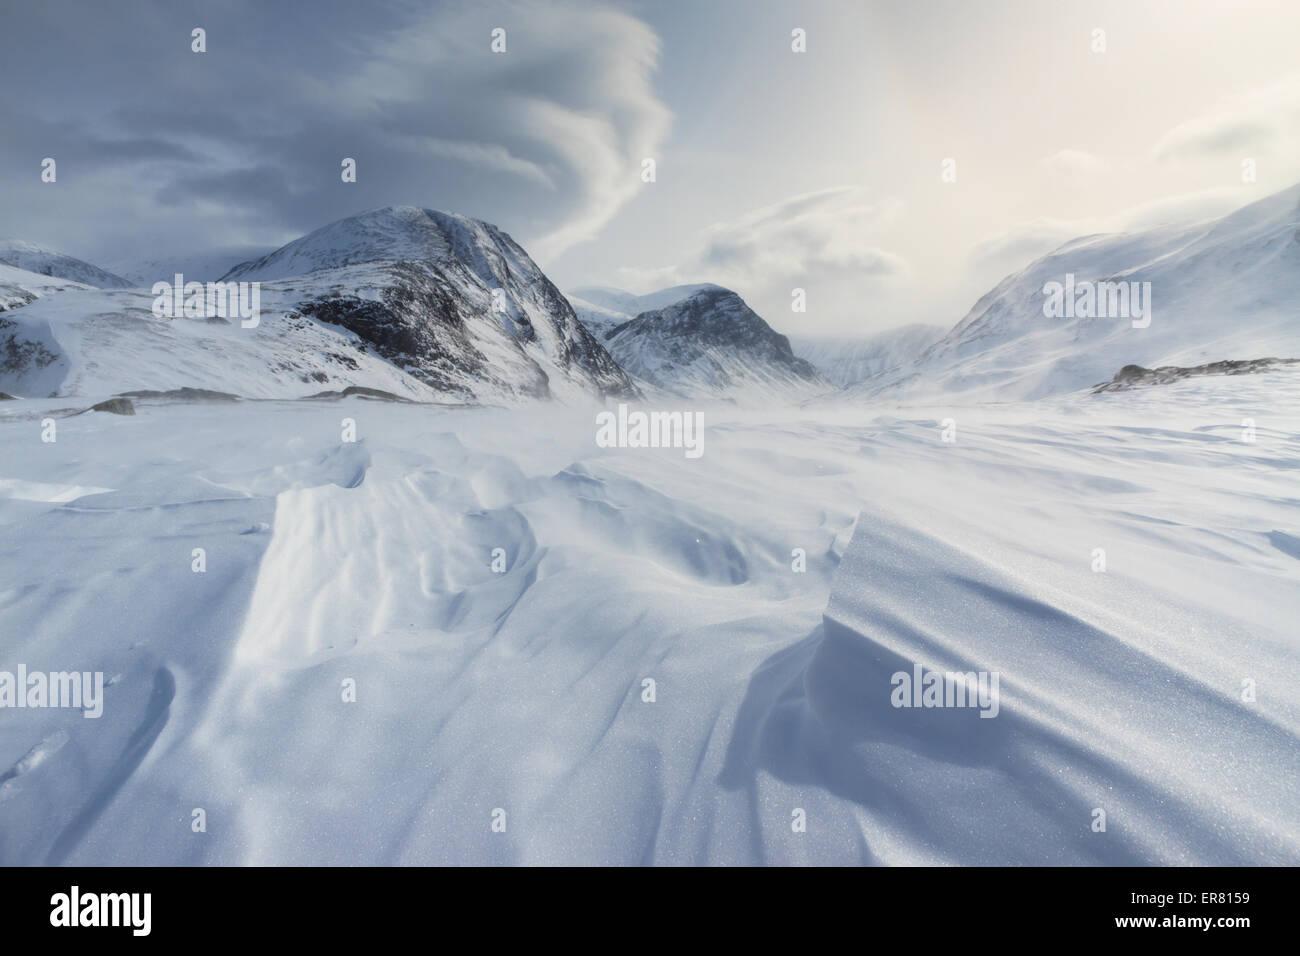 Venti che soffiano sulla neve nelle regioni artiche della Svezia. Immagini Stock